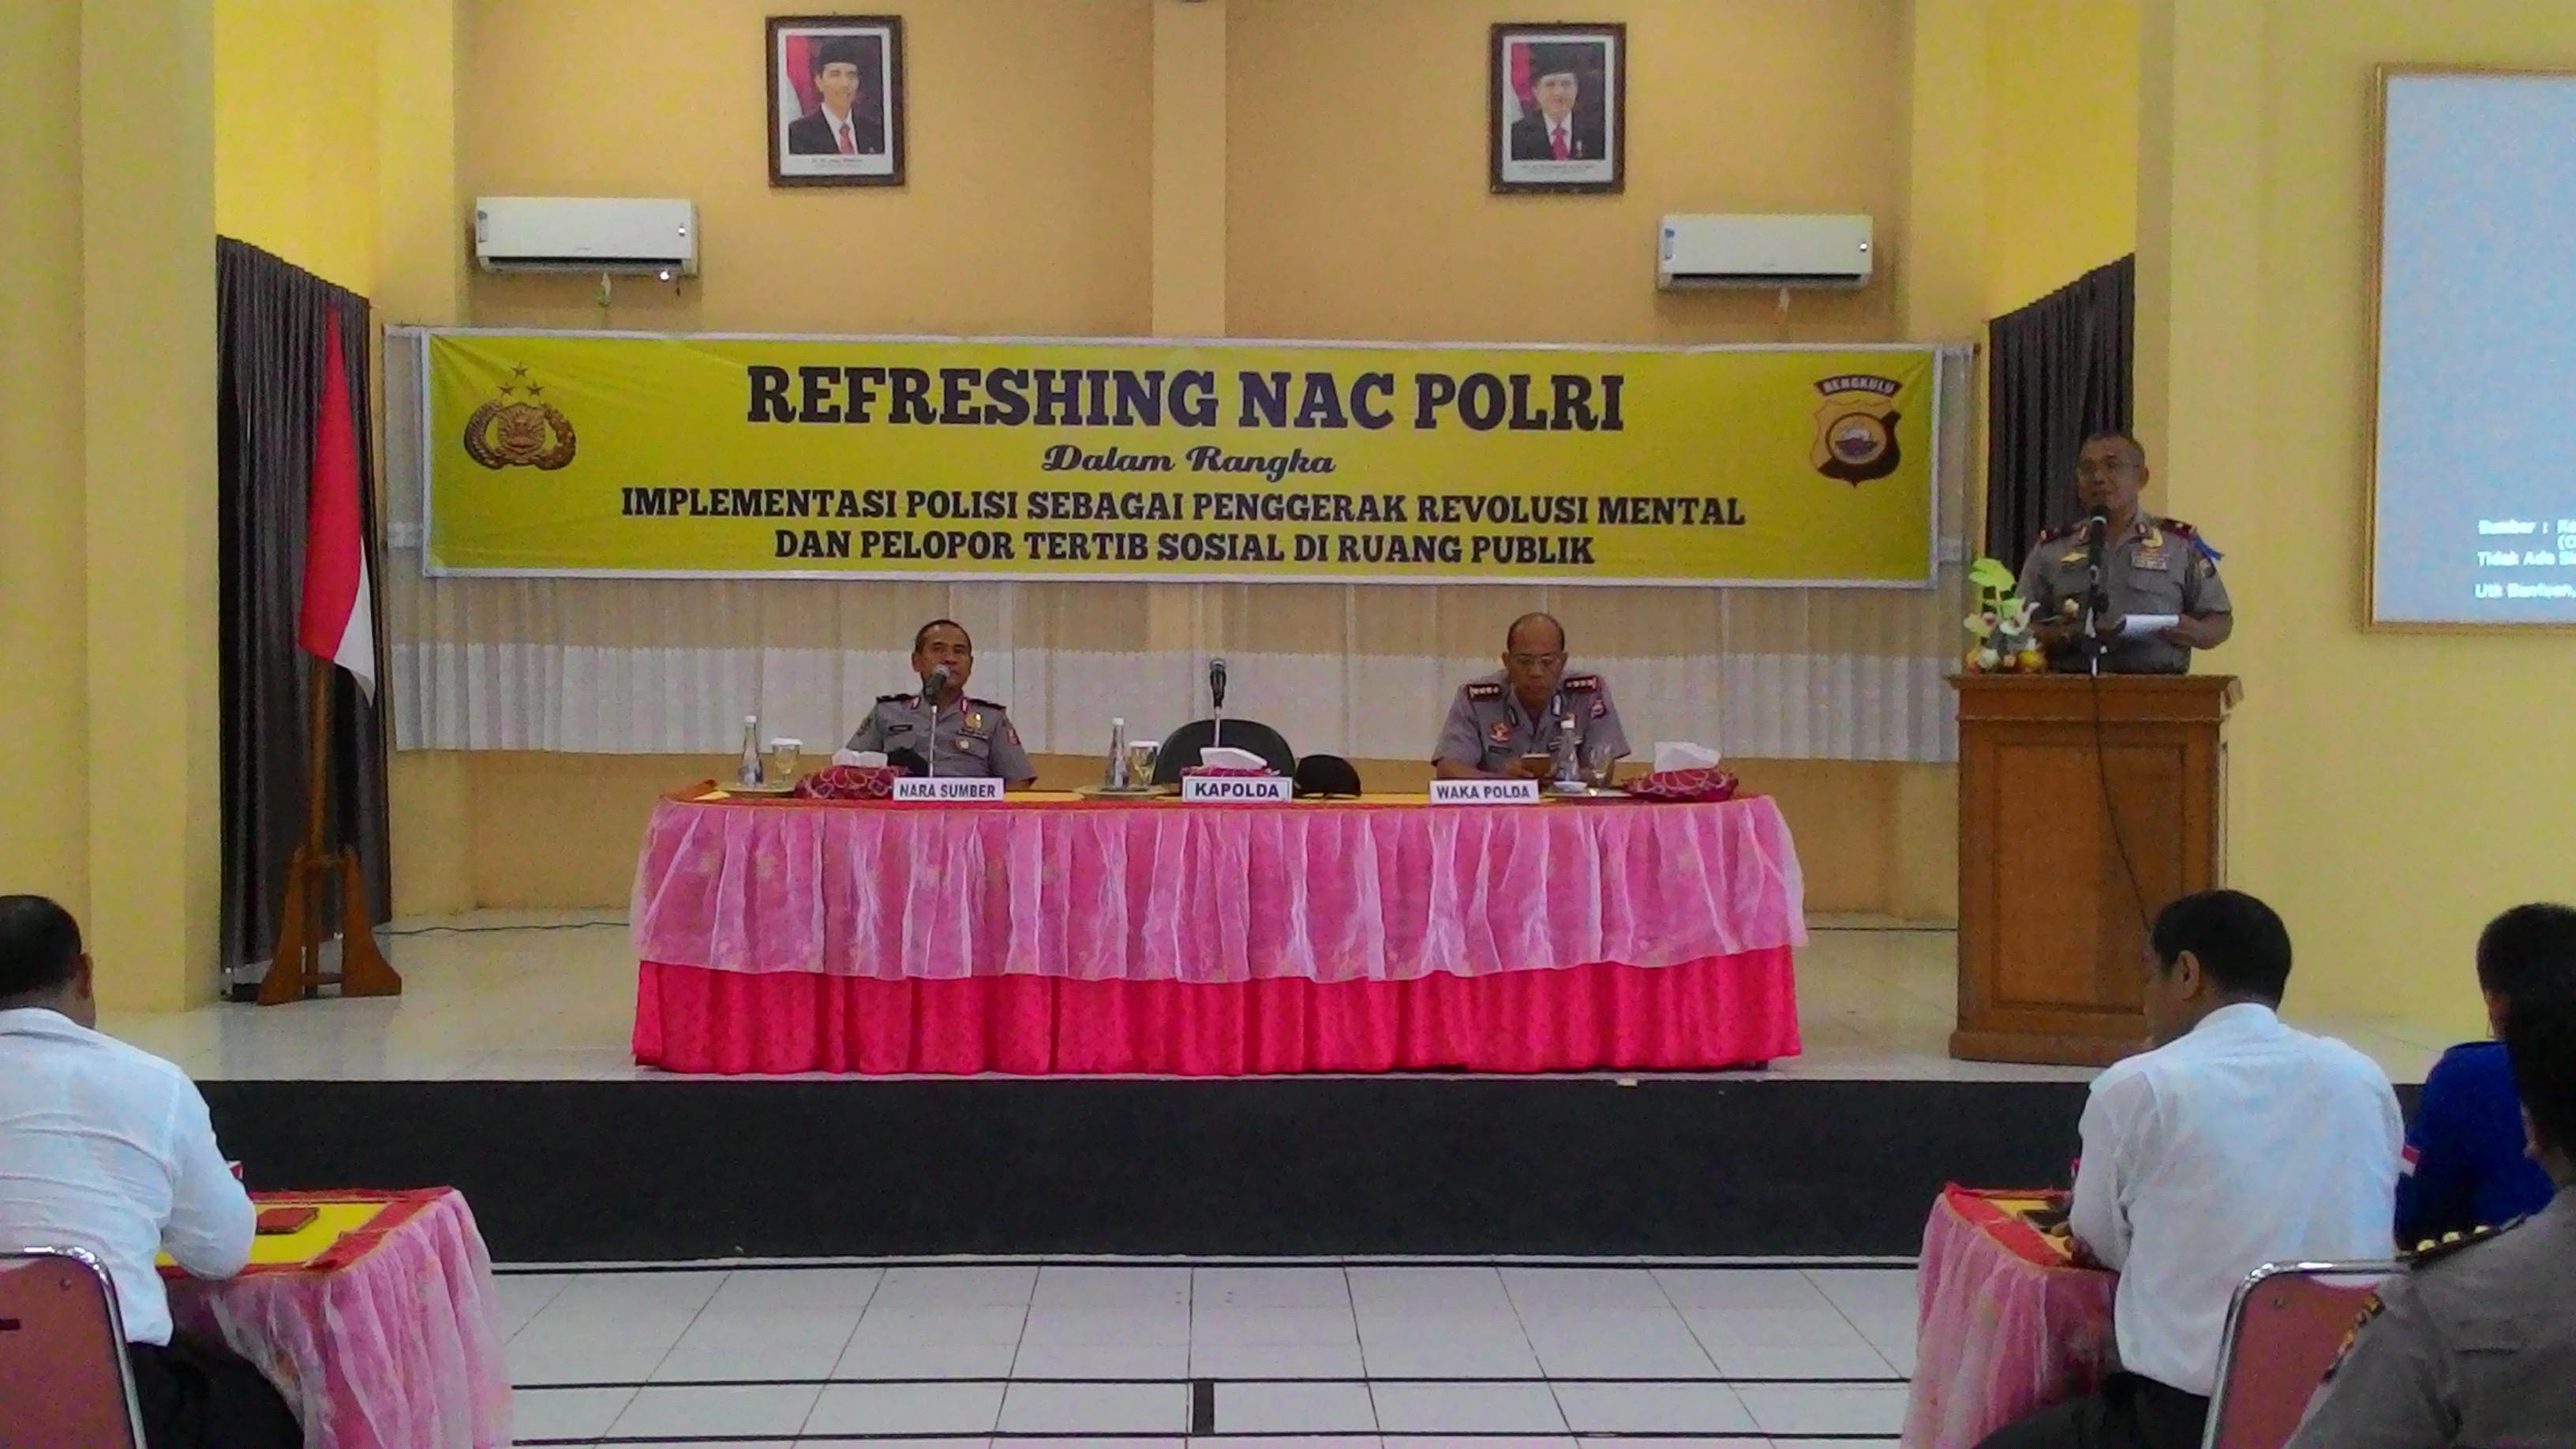 Refreshing NAC POLRI